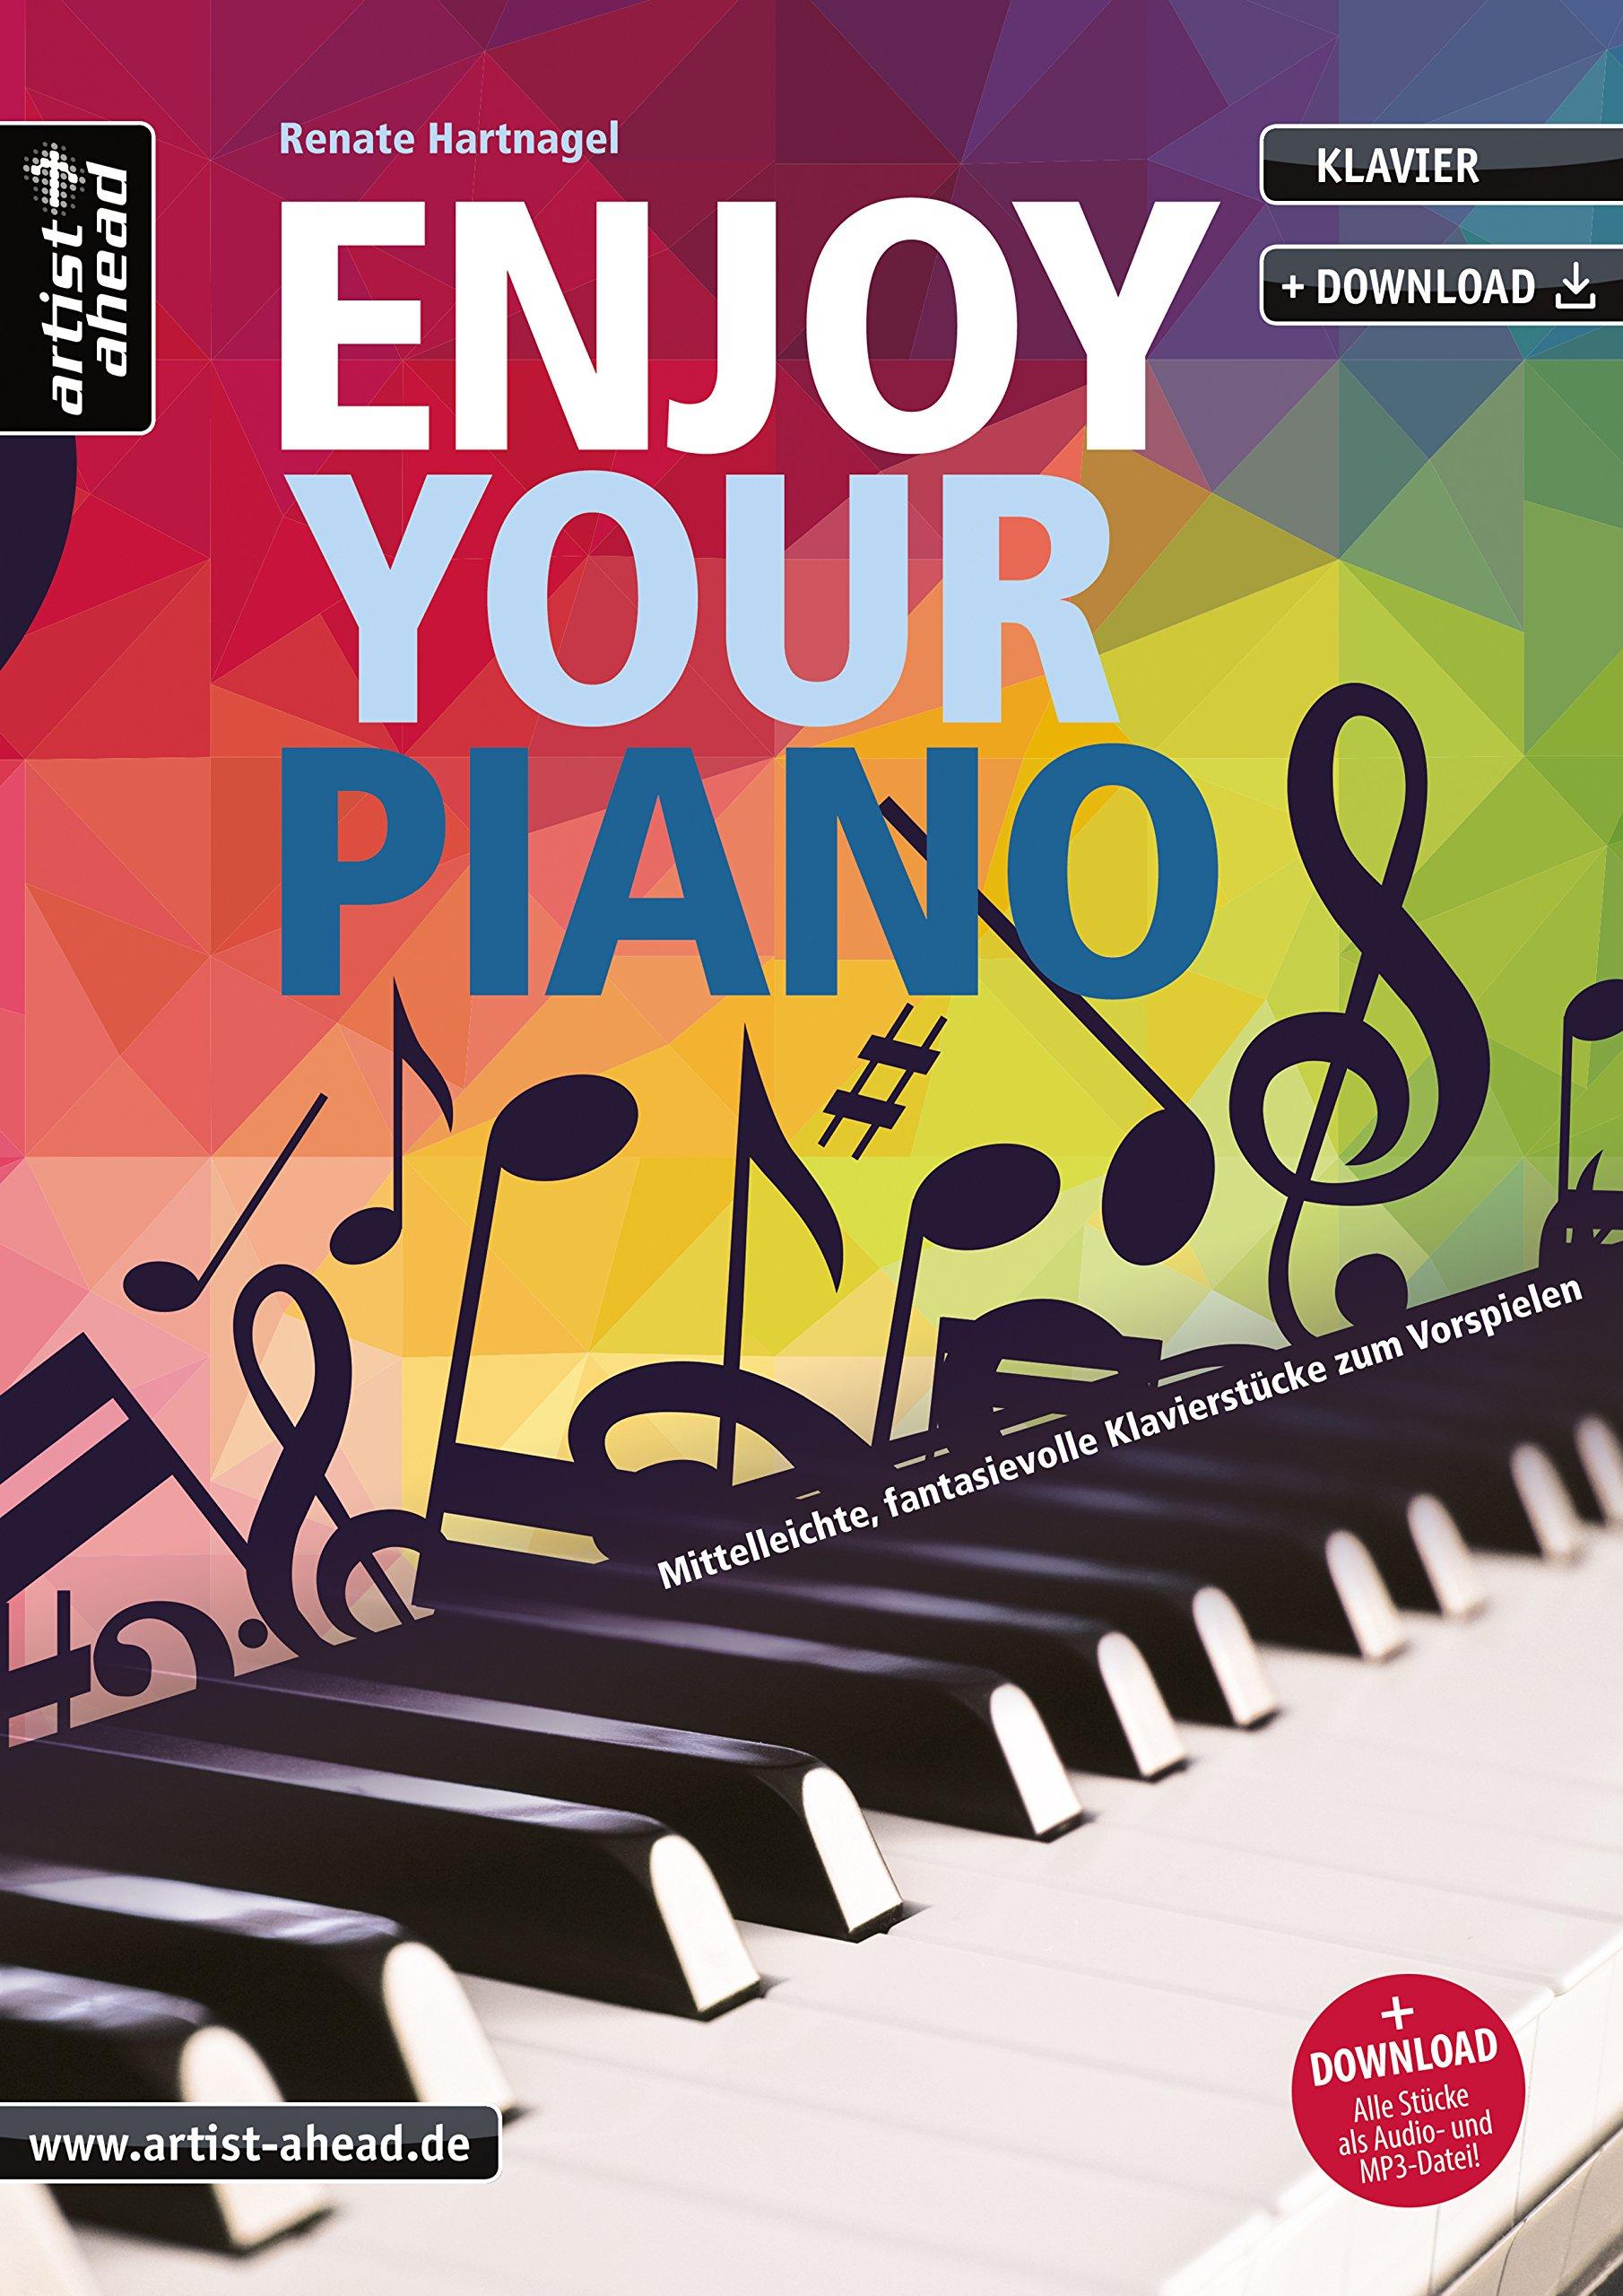 Enjoy your Piano: Mittelleichte, fantasievolle & romantische Klavierstücke für Kinder & Erwachsene zum Vorspielen (inkl. Download). Spielbuch für Klavier. Liederbuch. Songbook. Musiknoten.